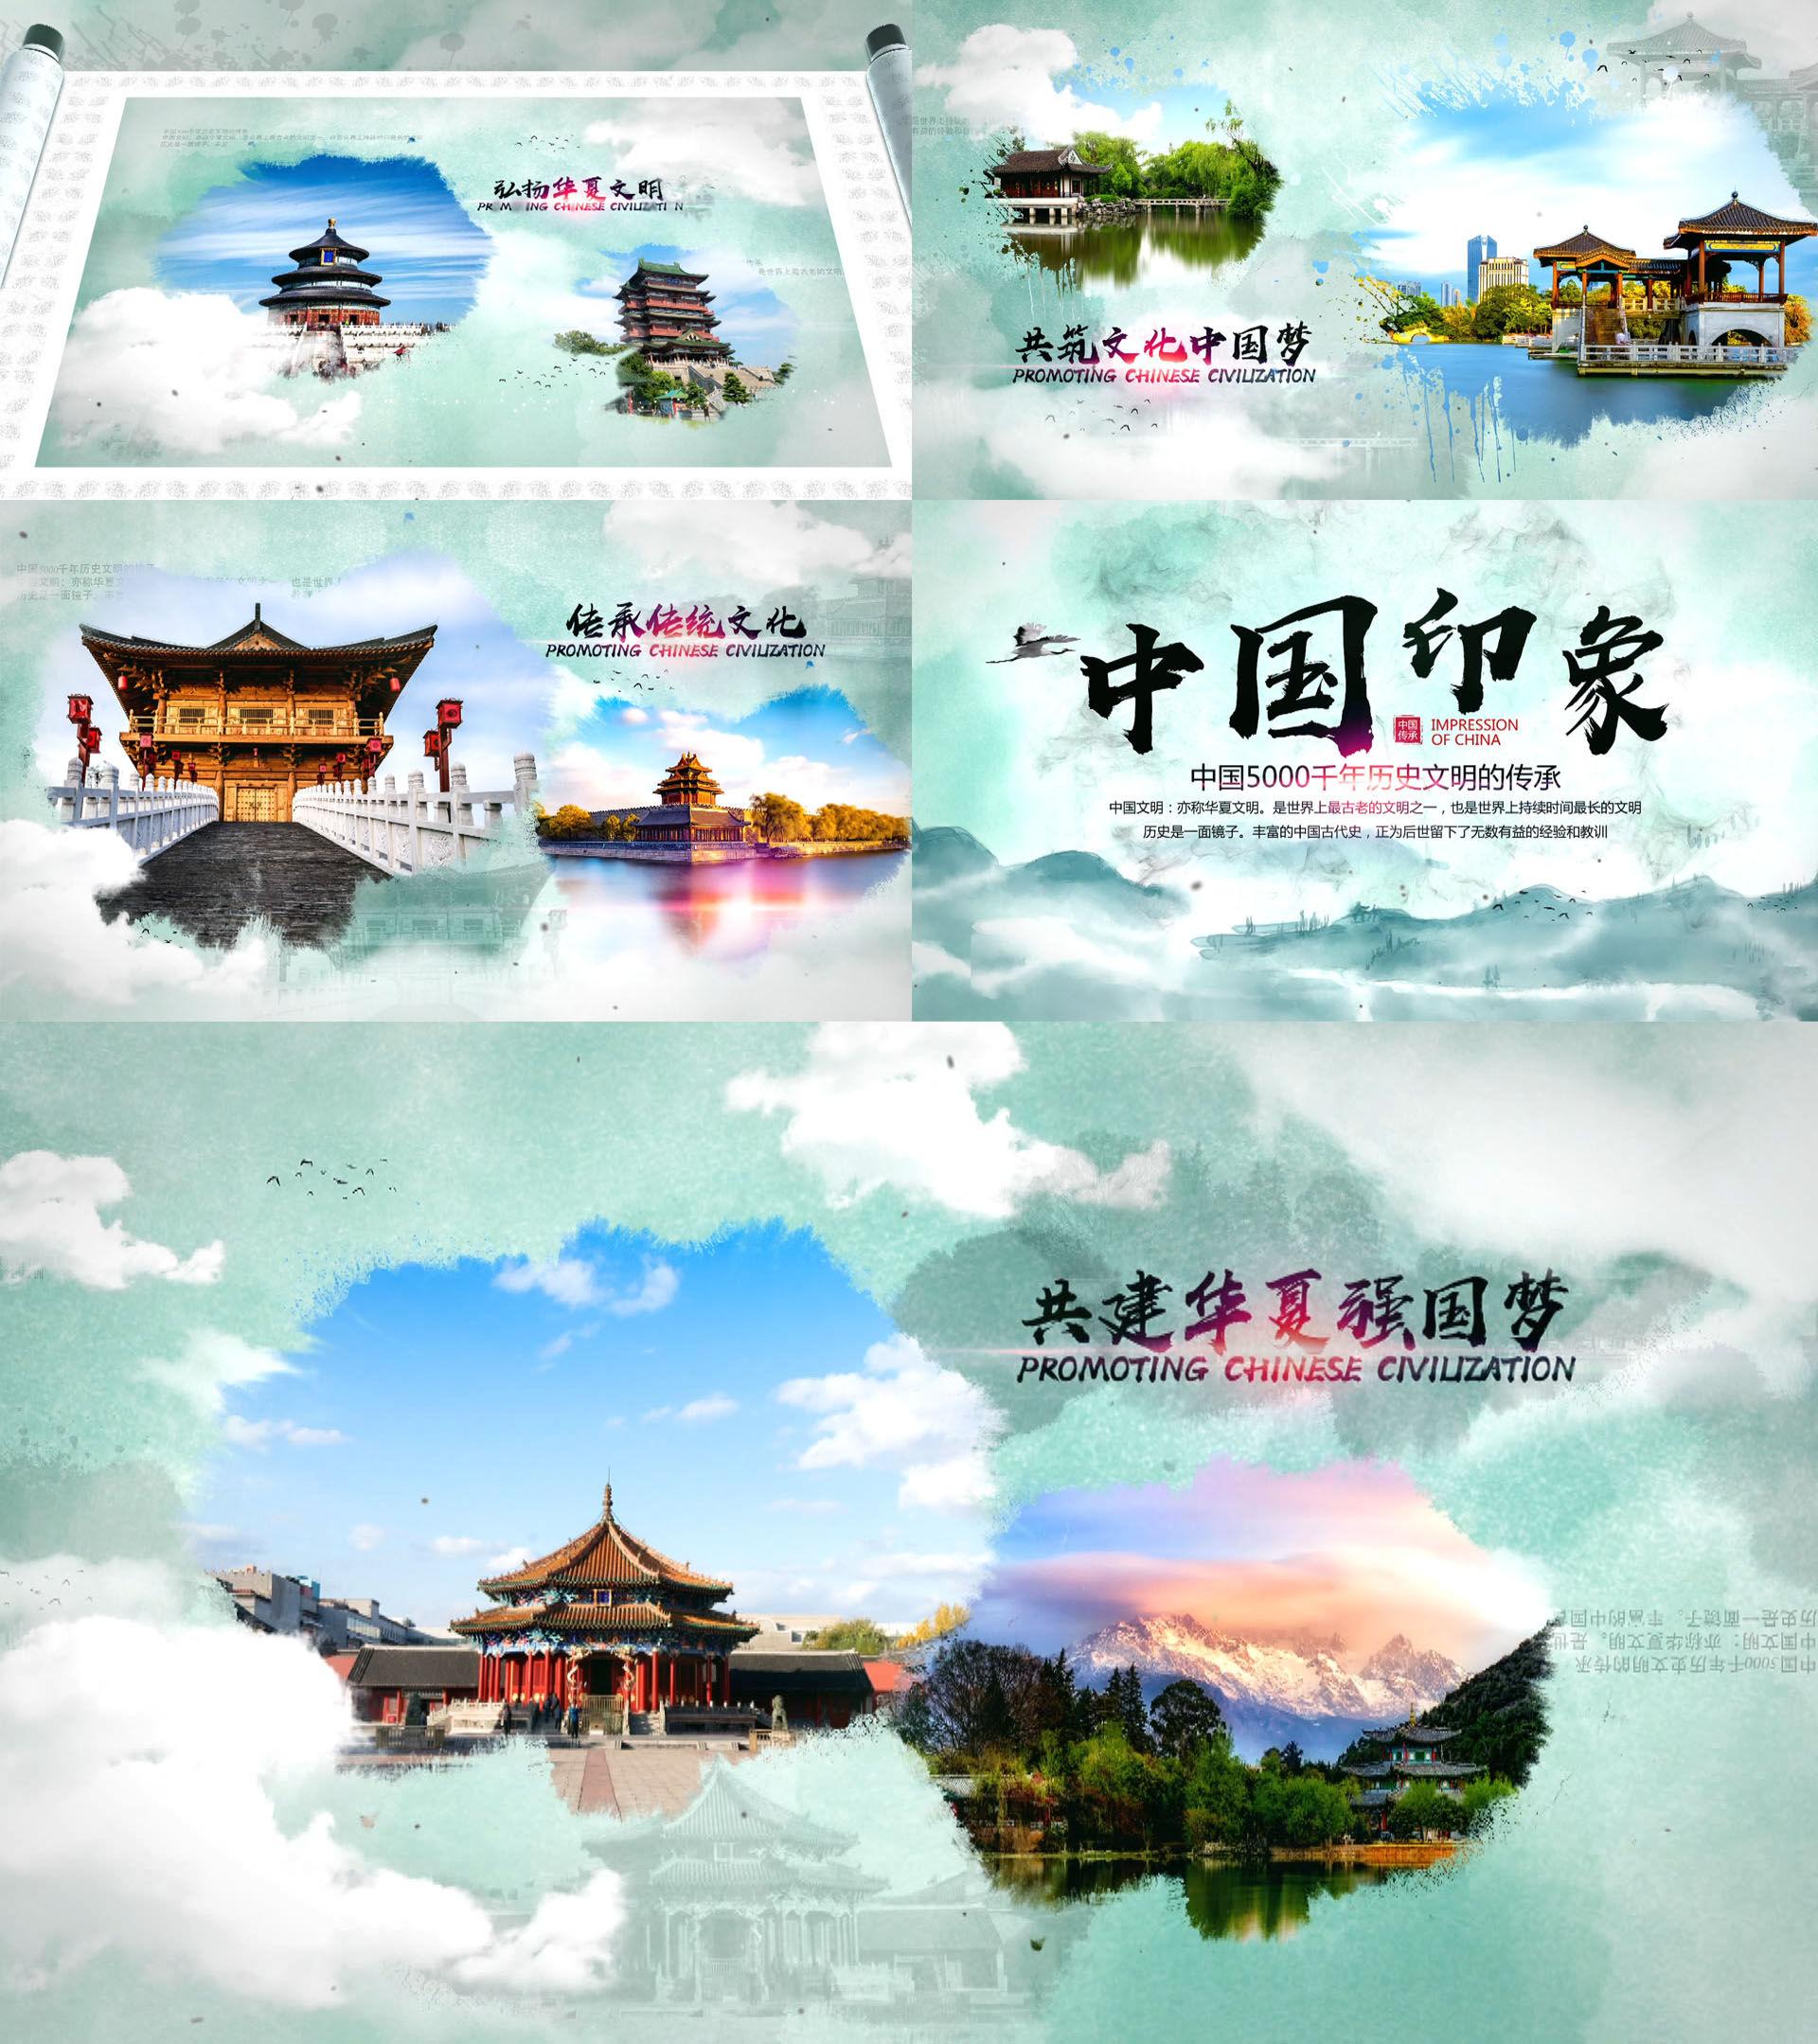 中国风水墨图文片头06无插件